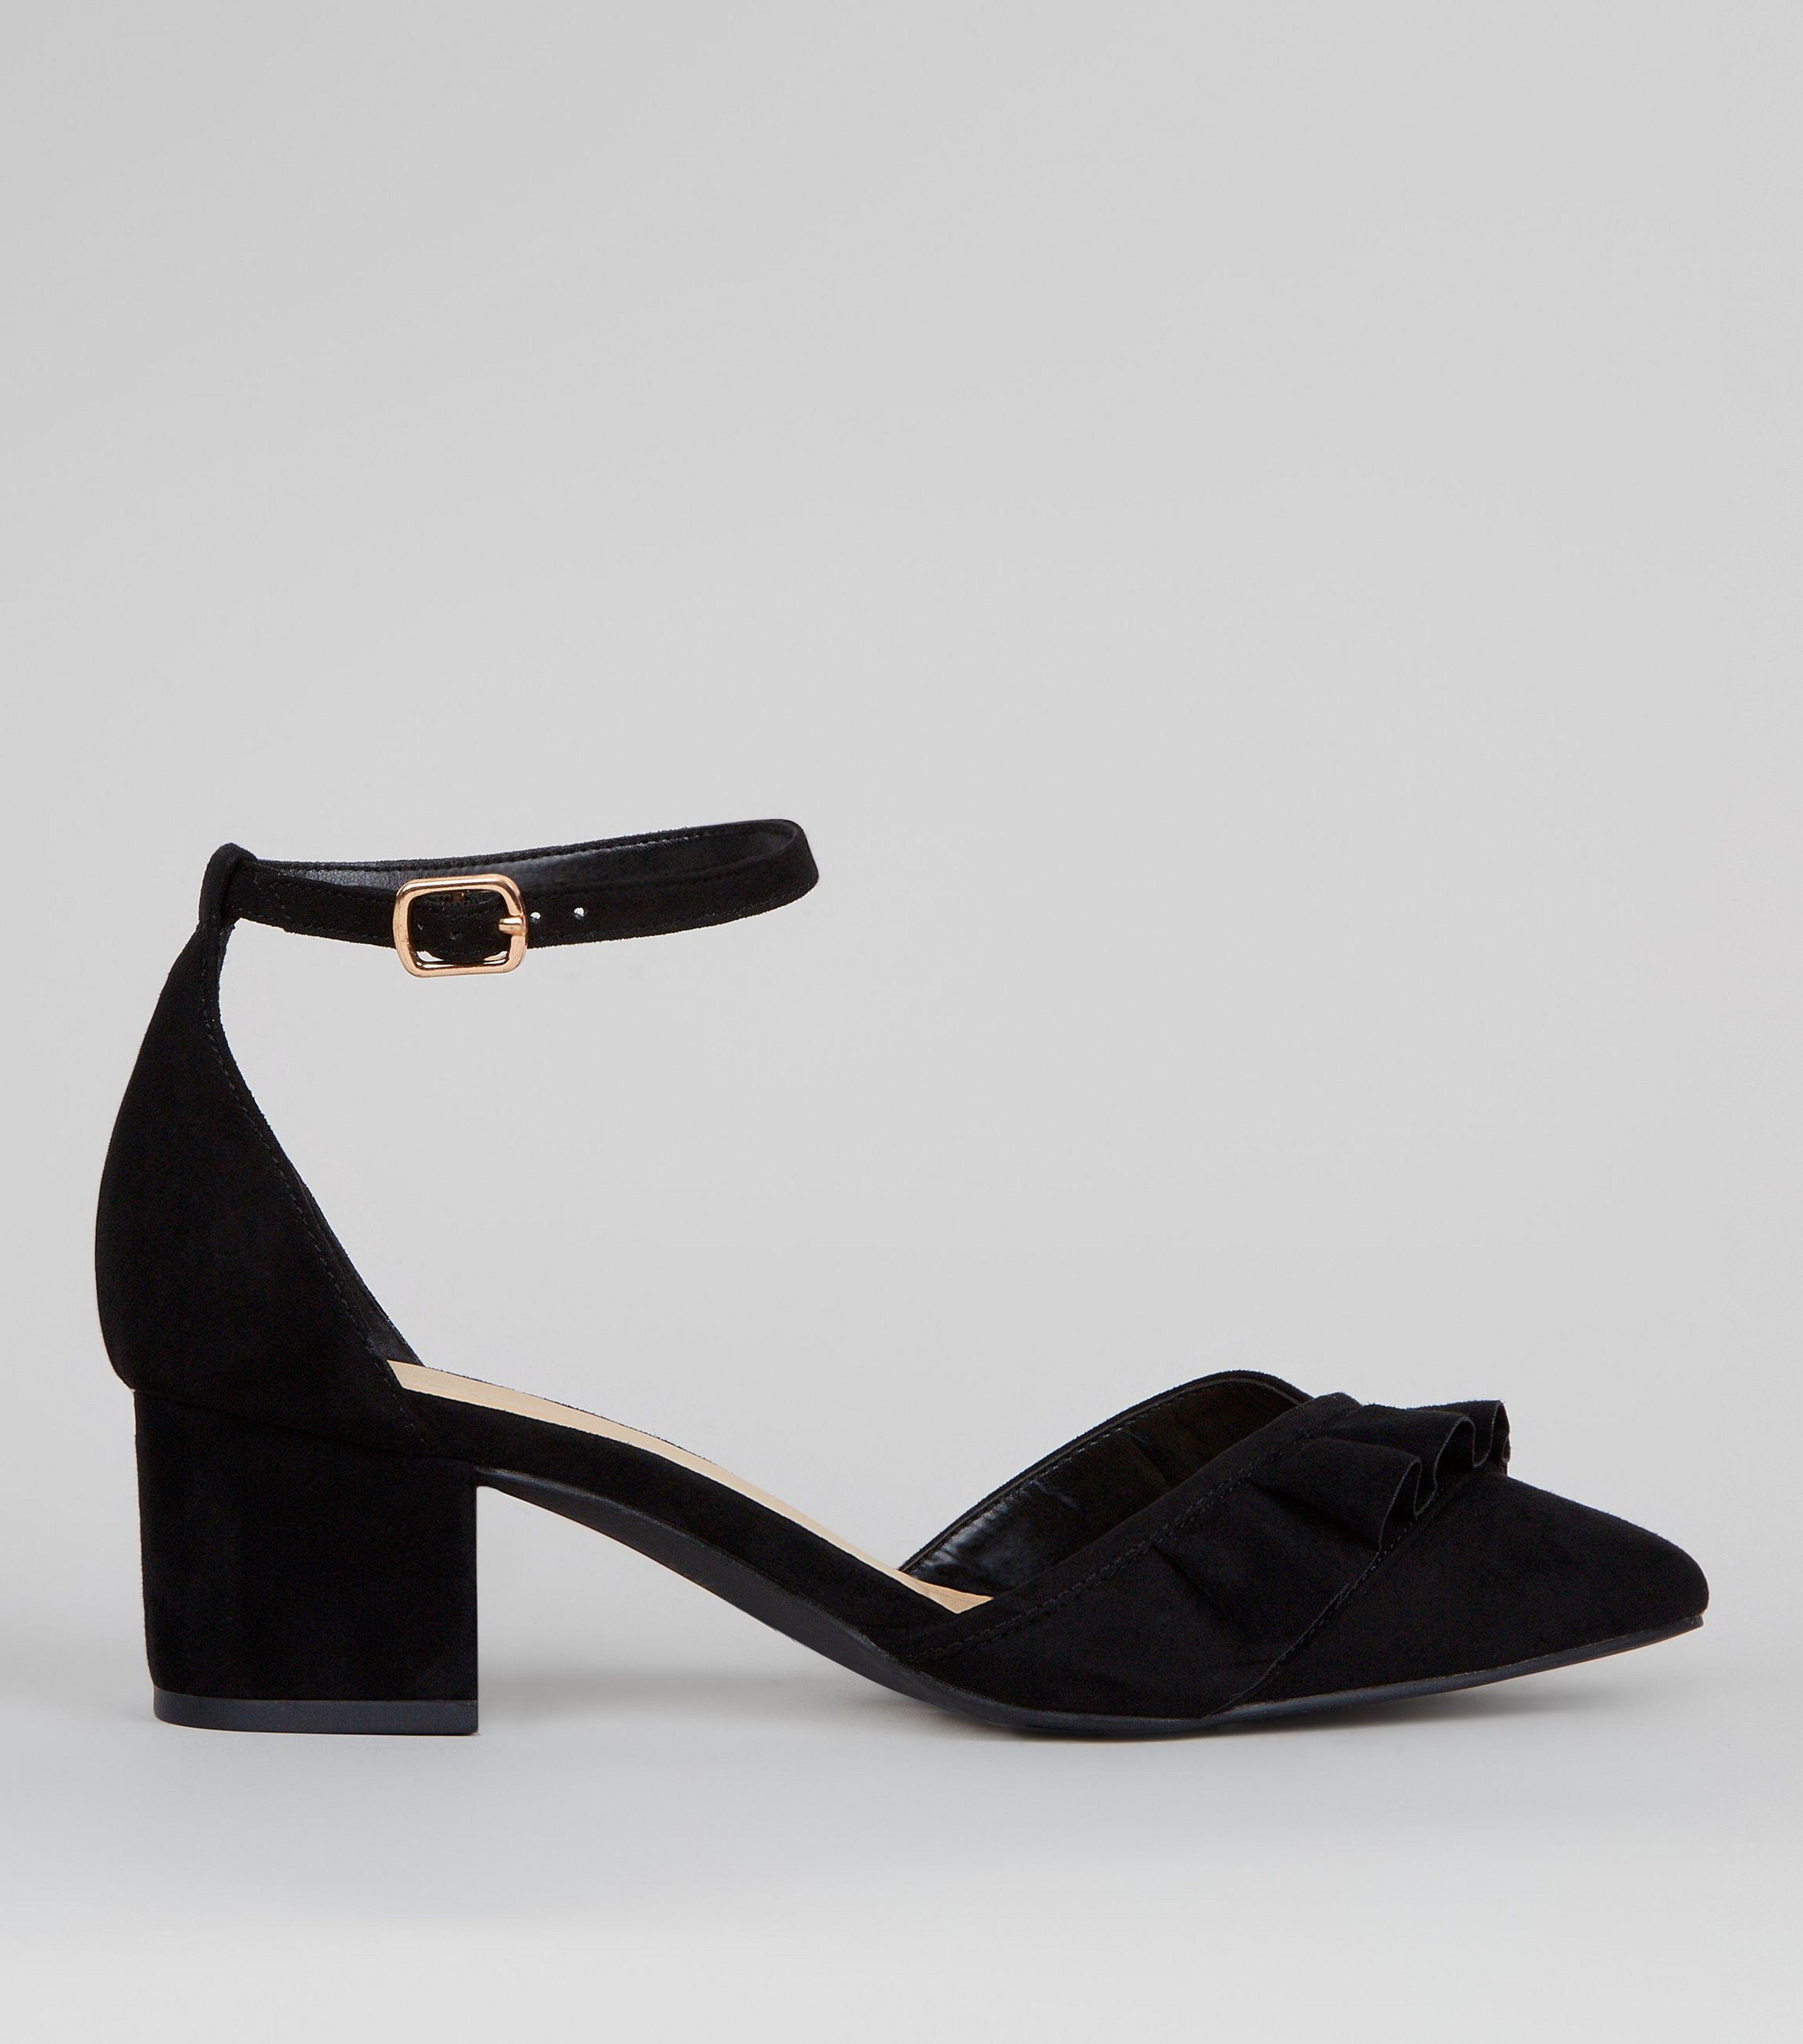 17801397219 New Look Wide Fit Black Frill Trim Mini Block Heels in Black - Lyst